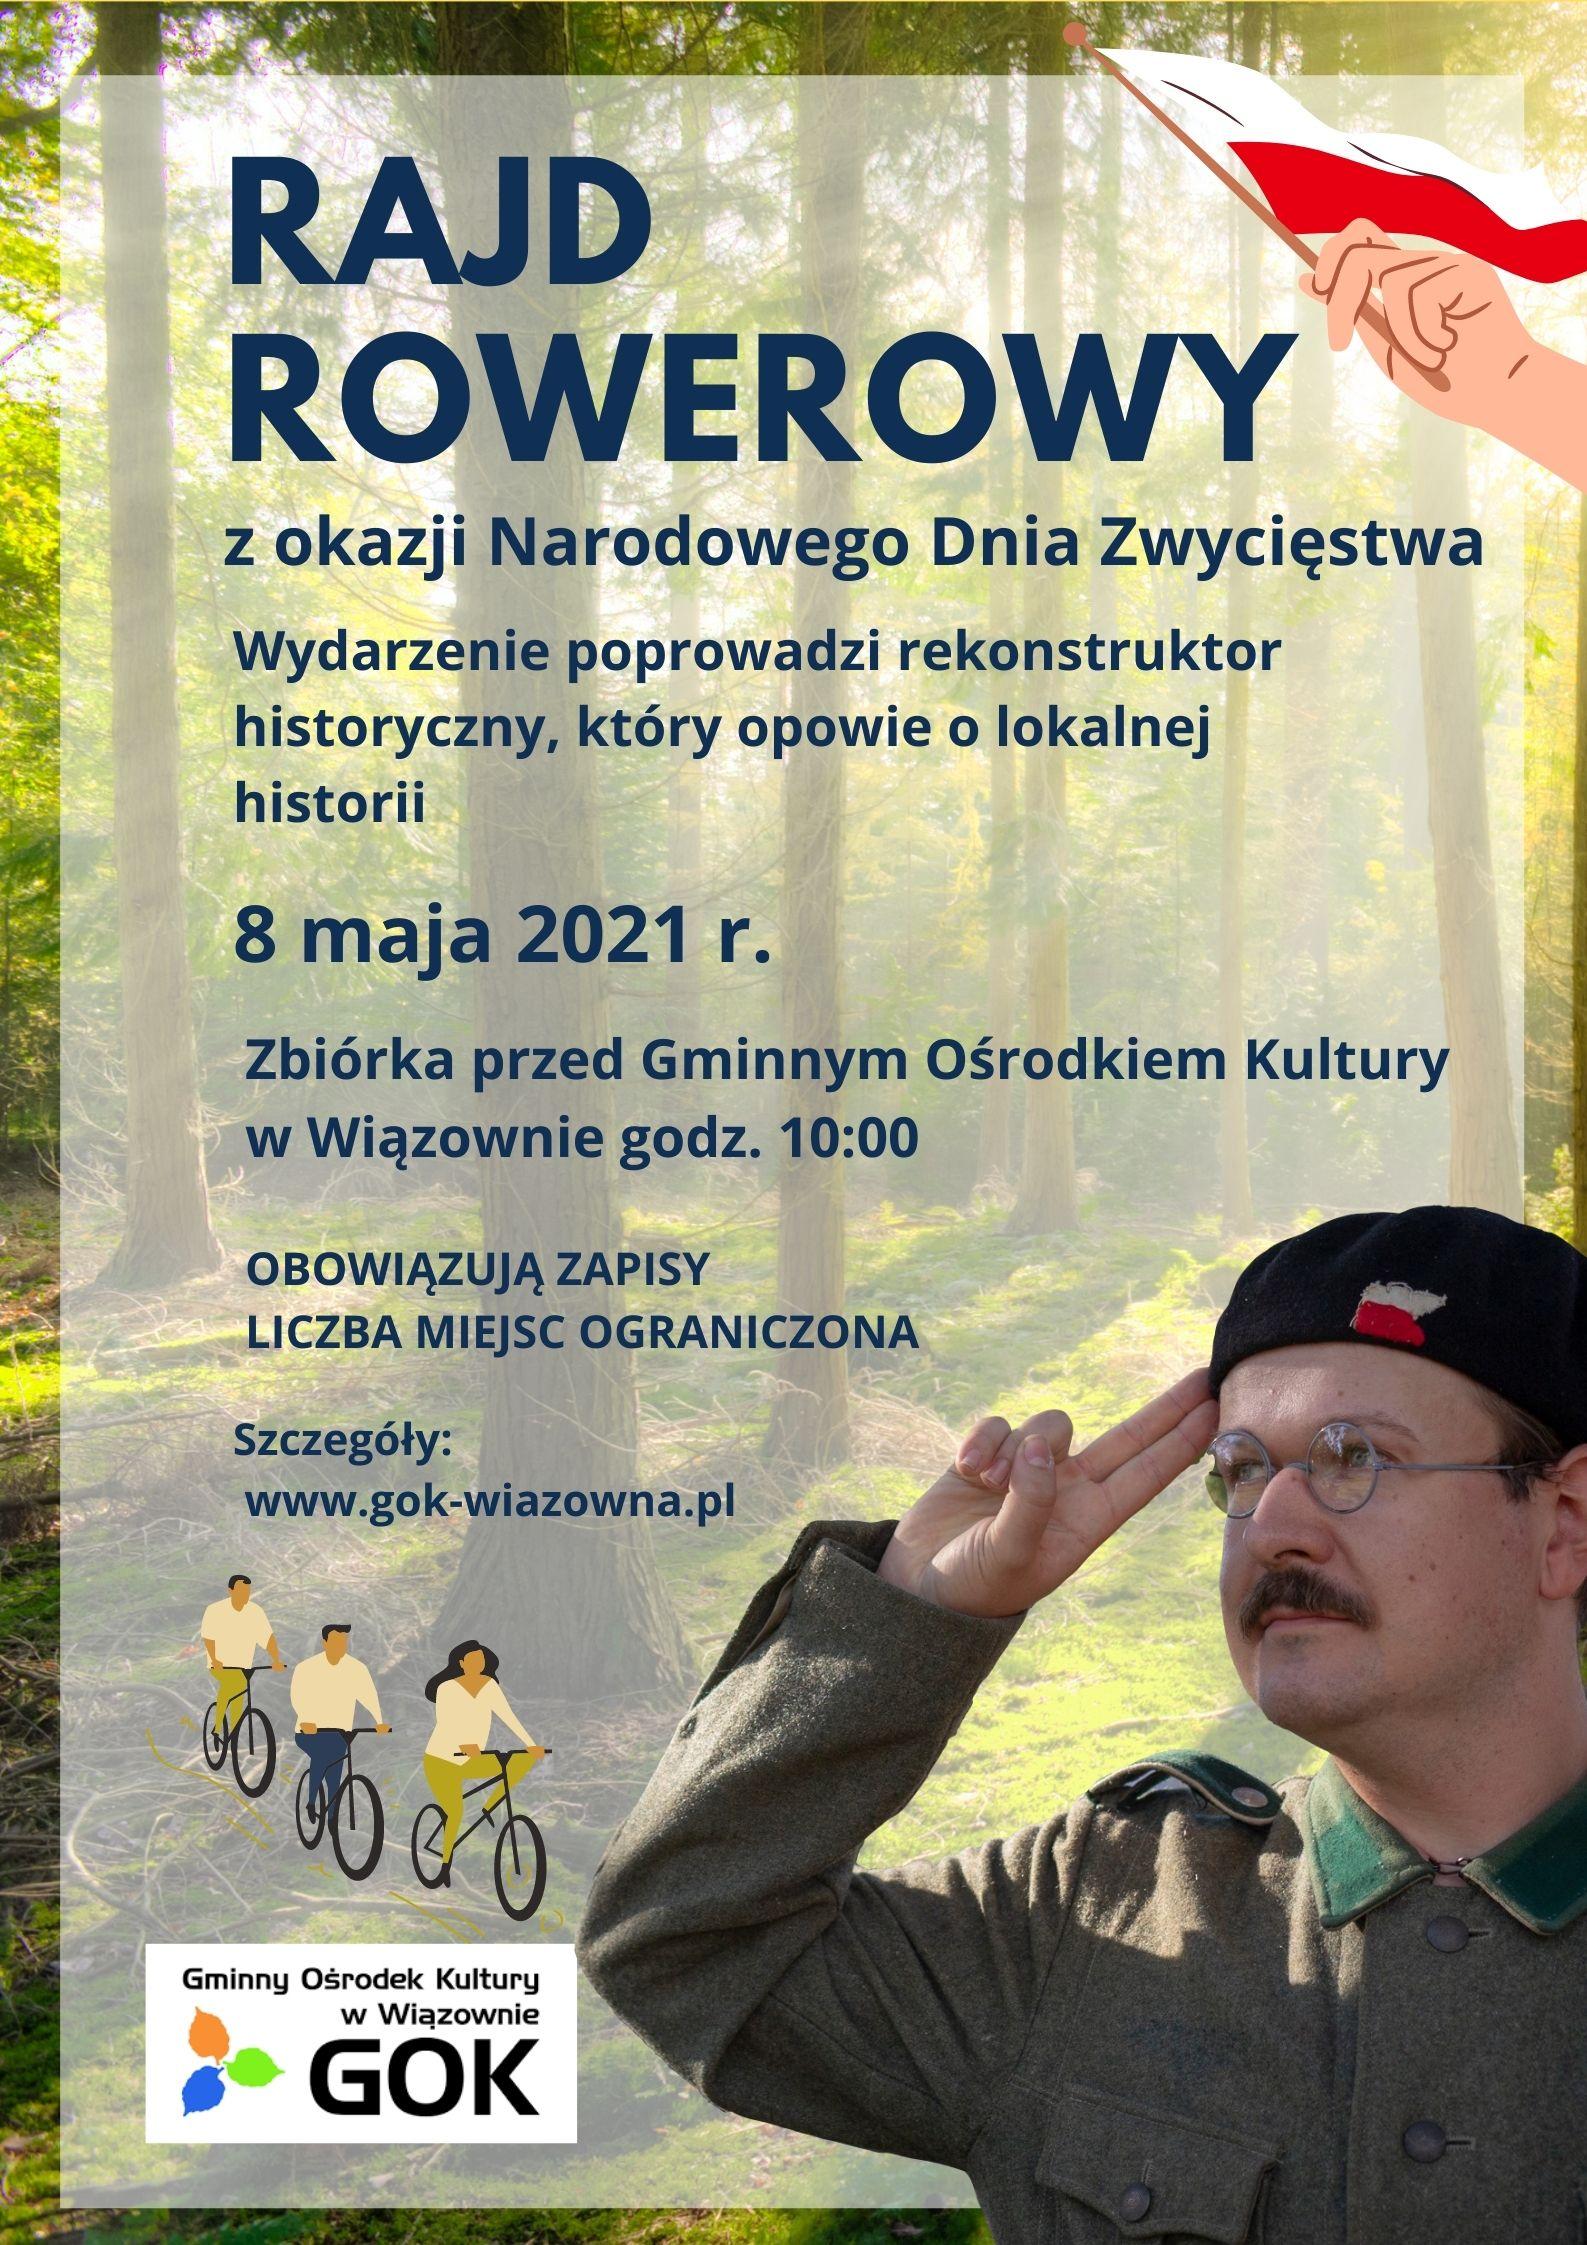 Informacja o rajdzie rowerowym z okazji Narodowego Dnia Zwycięstwa